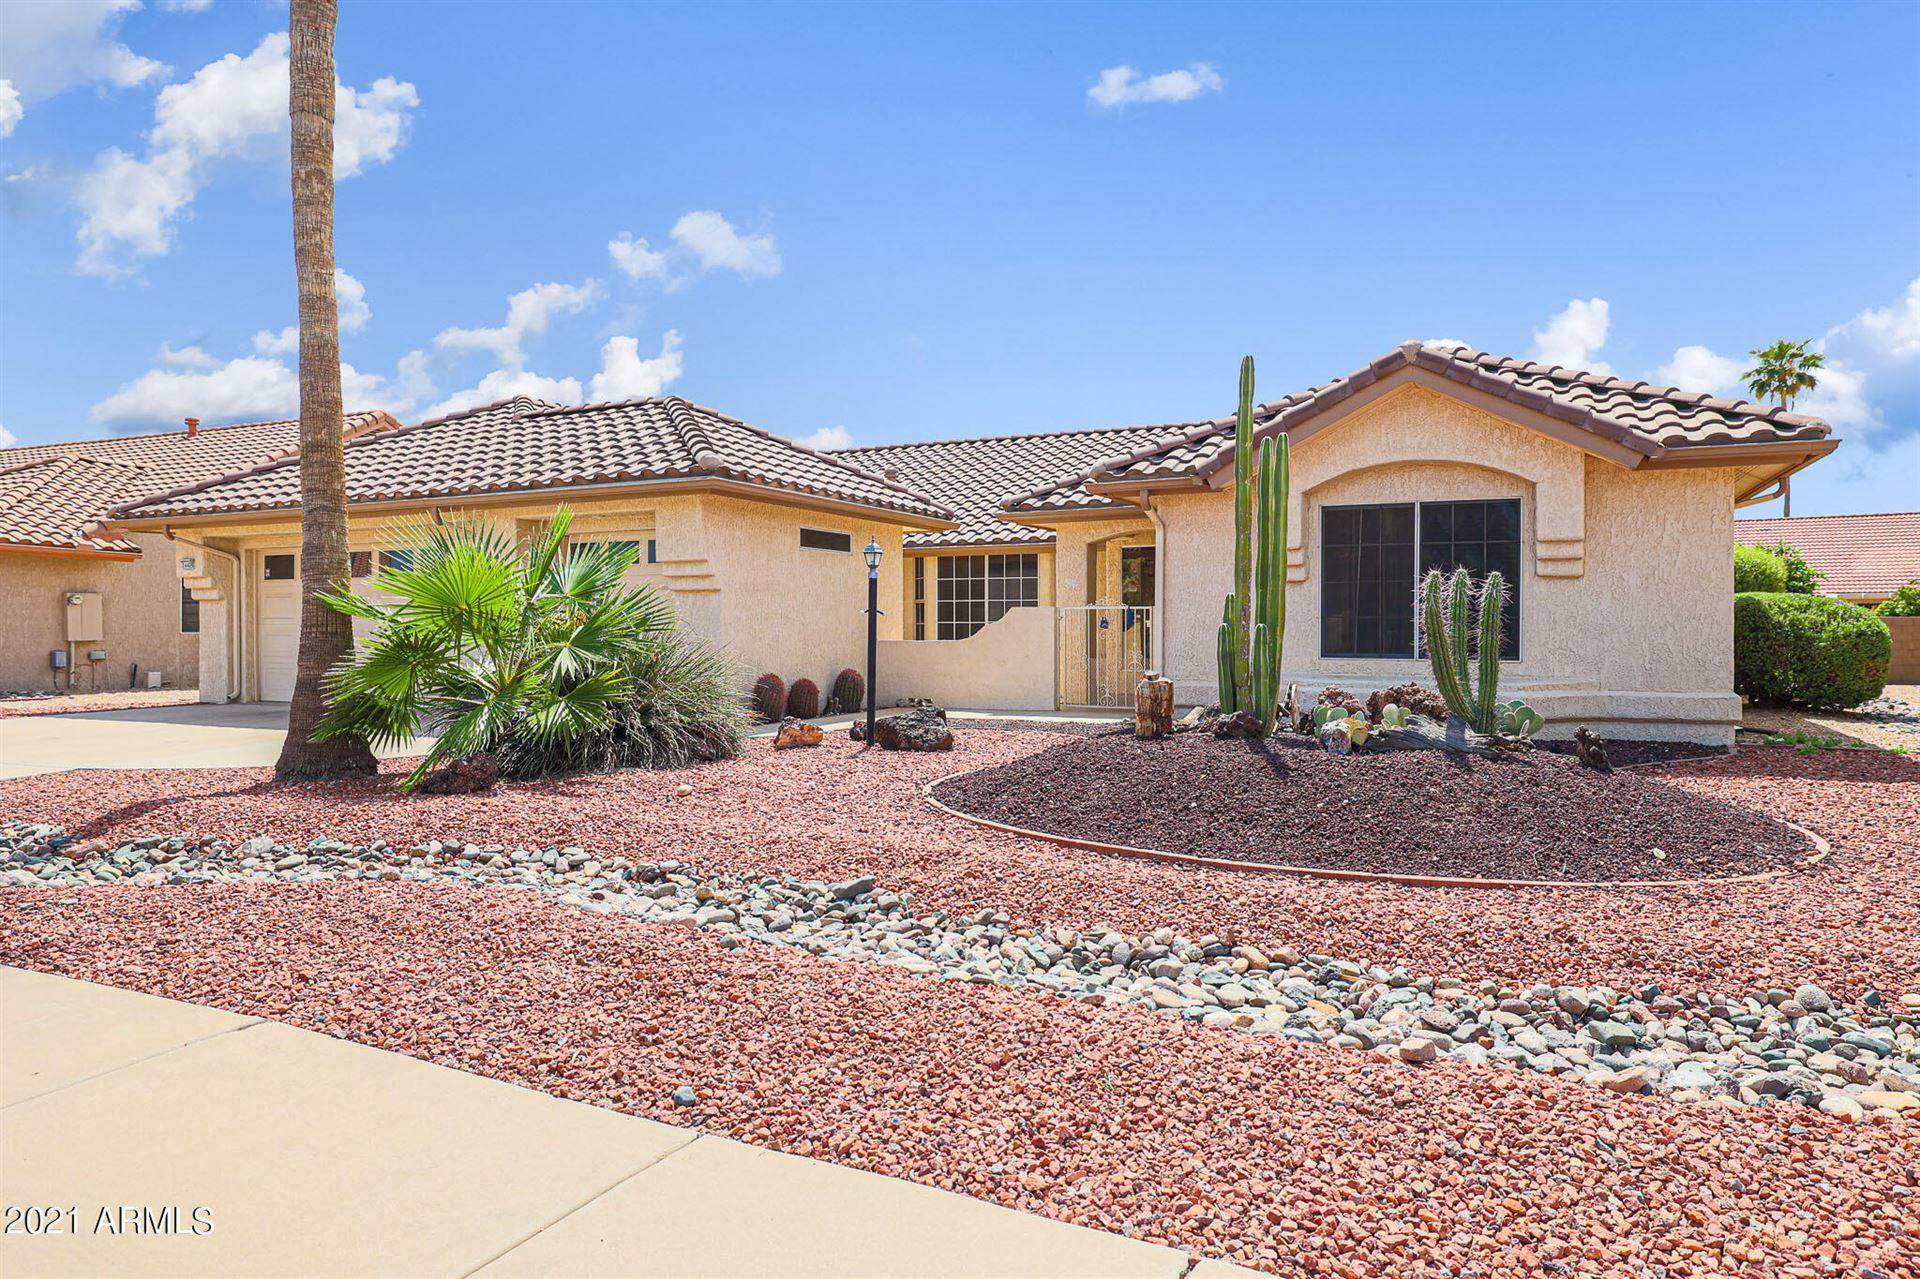 14409 W GREYSTONE Drive, Sun City West, AZ 85375 - MLS#: 6287130